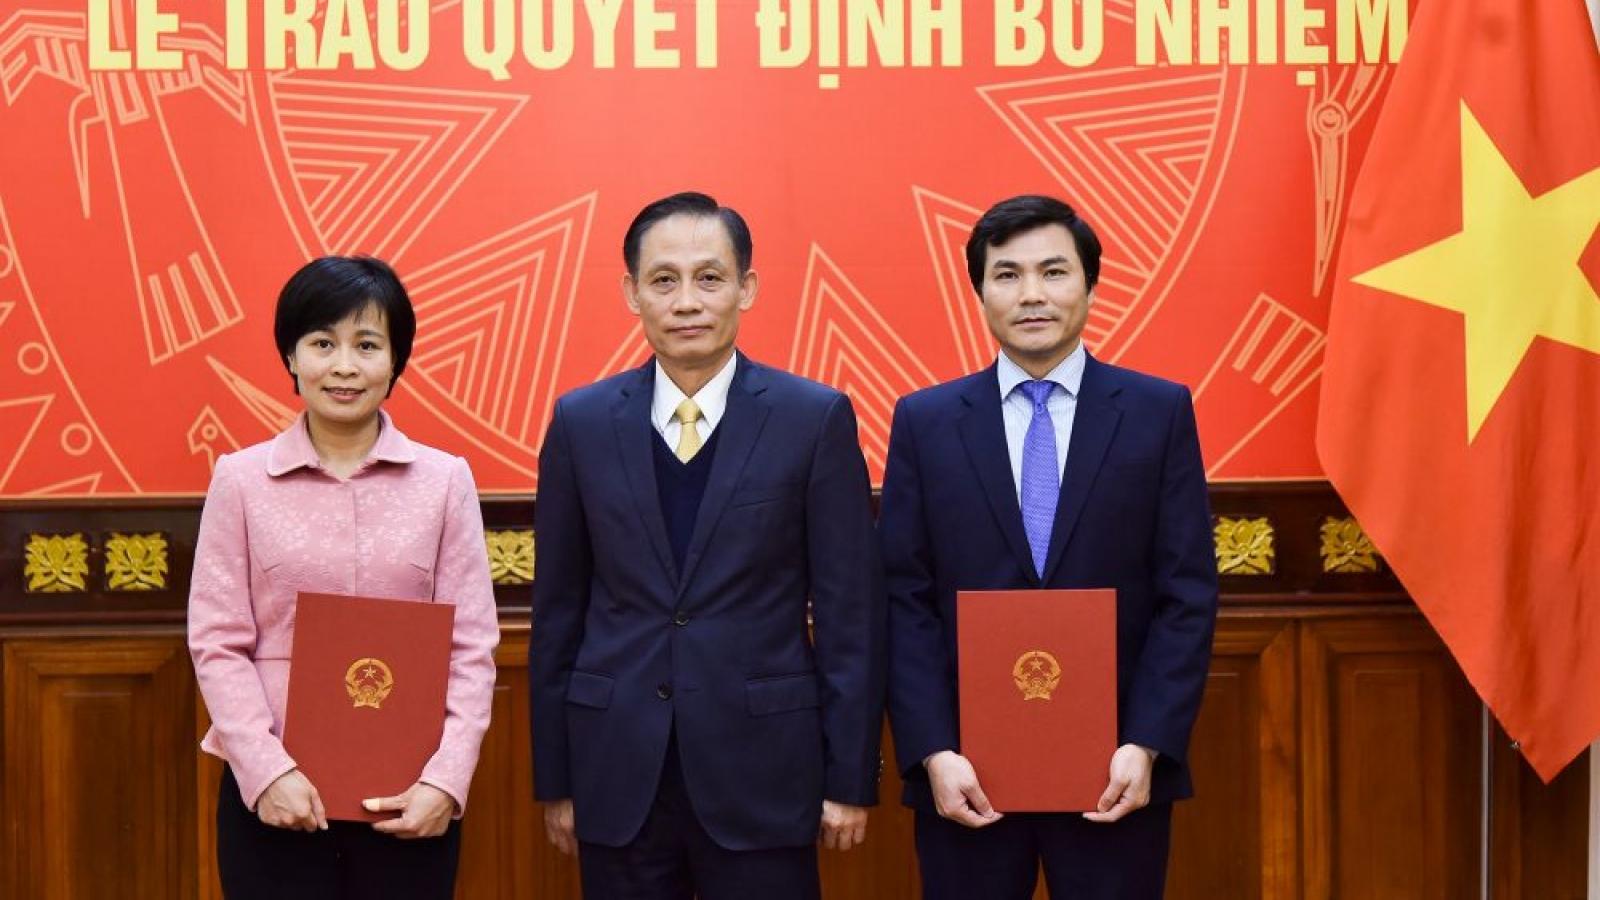 Bộ Ngoại giao bổ nhiệm nhân sự lãnh đạo cấp vụ